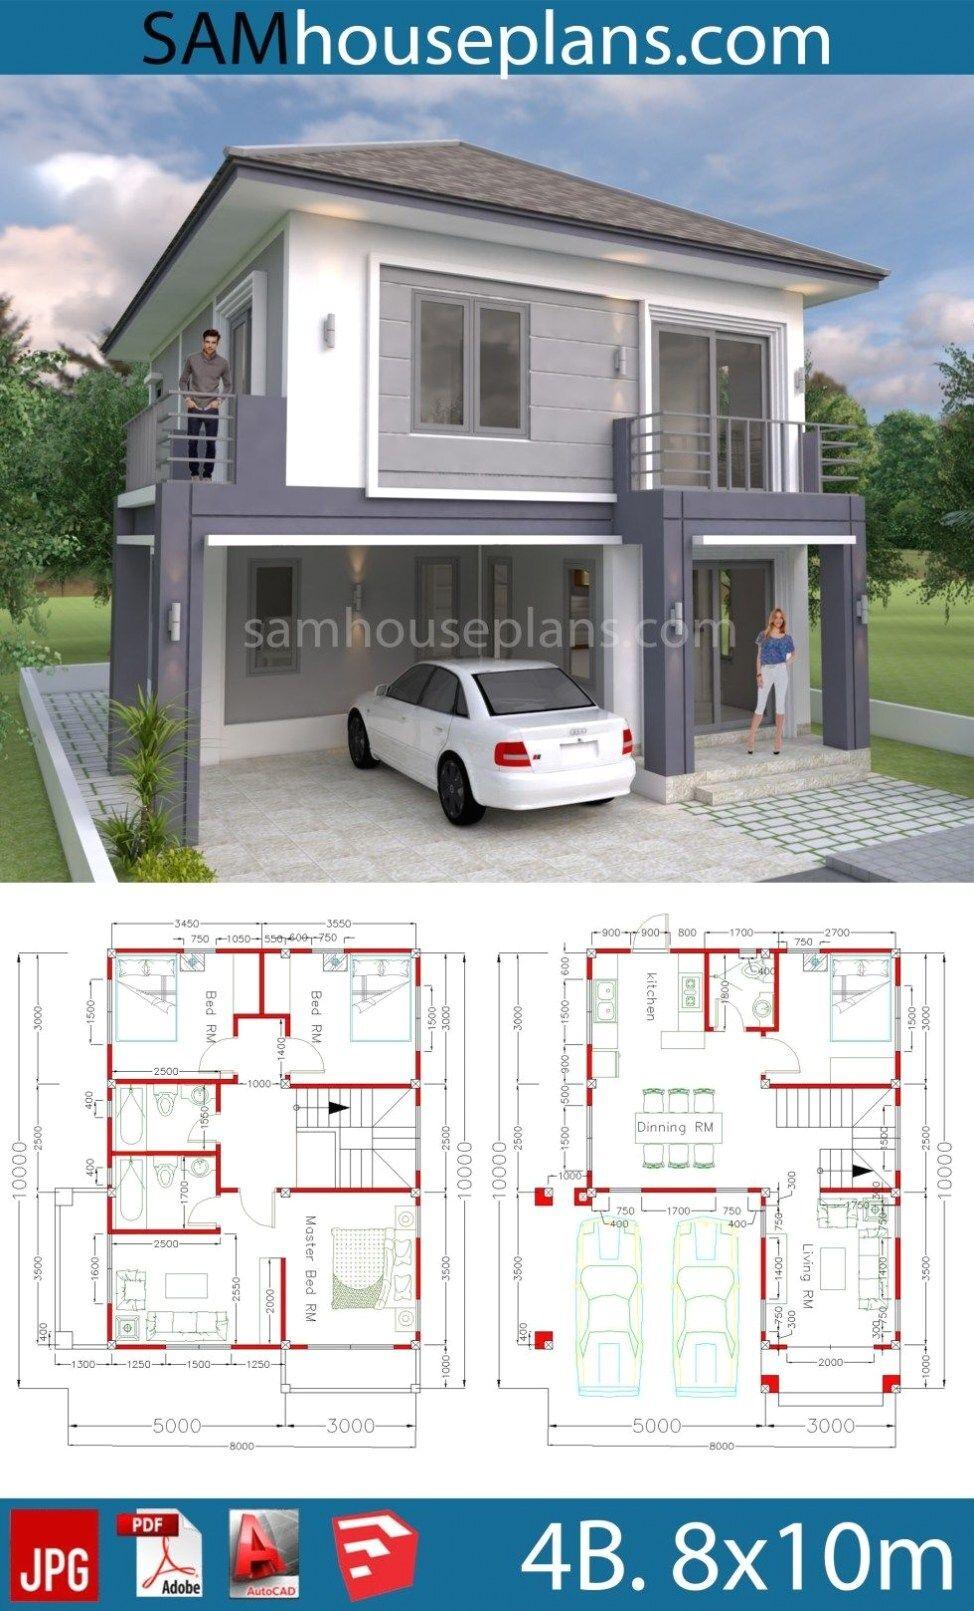 Plans De Maisons 8xm Avec 4 Chambres Sam Plans De Maisons Plans Petite Maison Moderne Plan Maison Architecte Plan De Maison Familiale